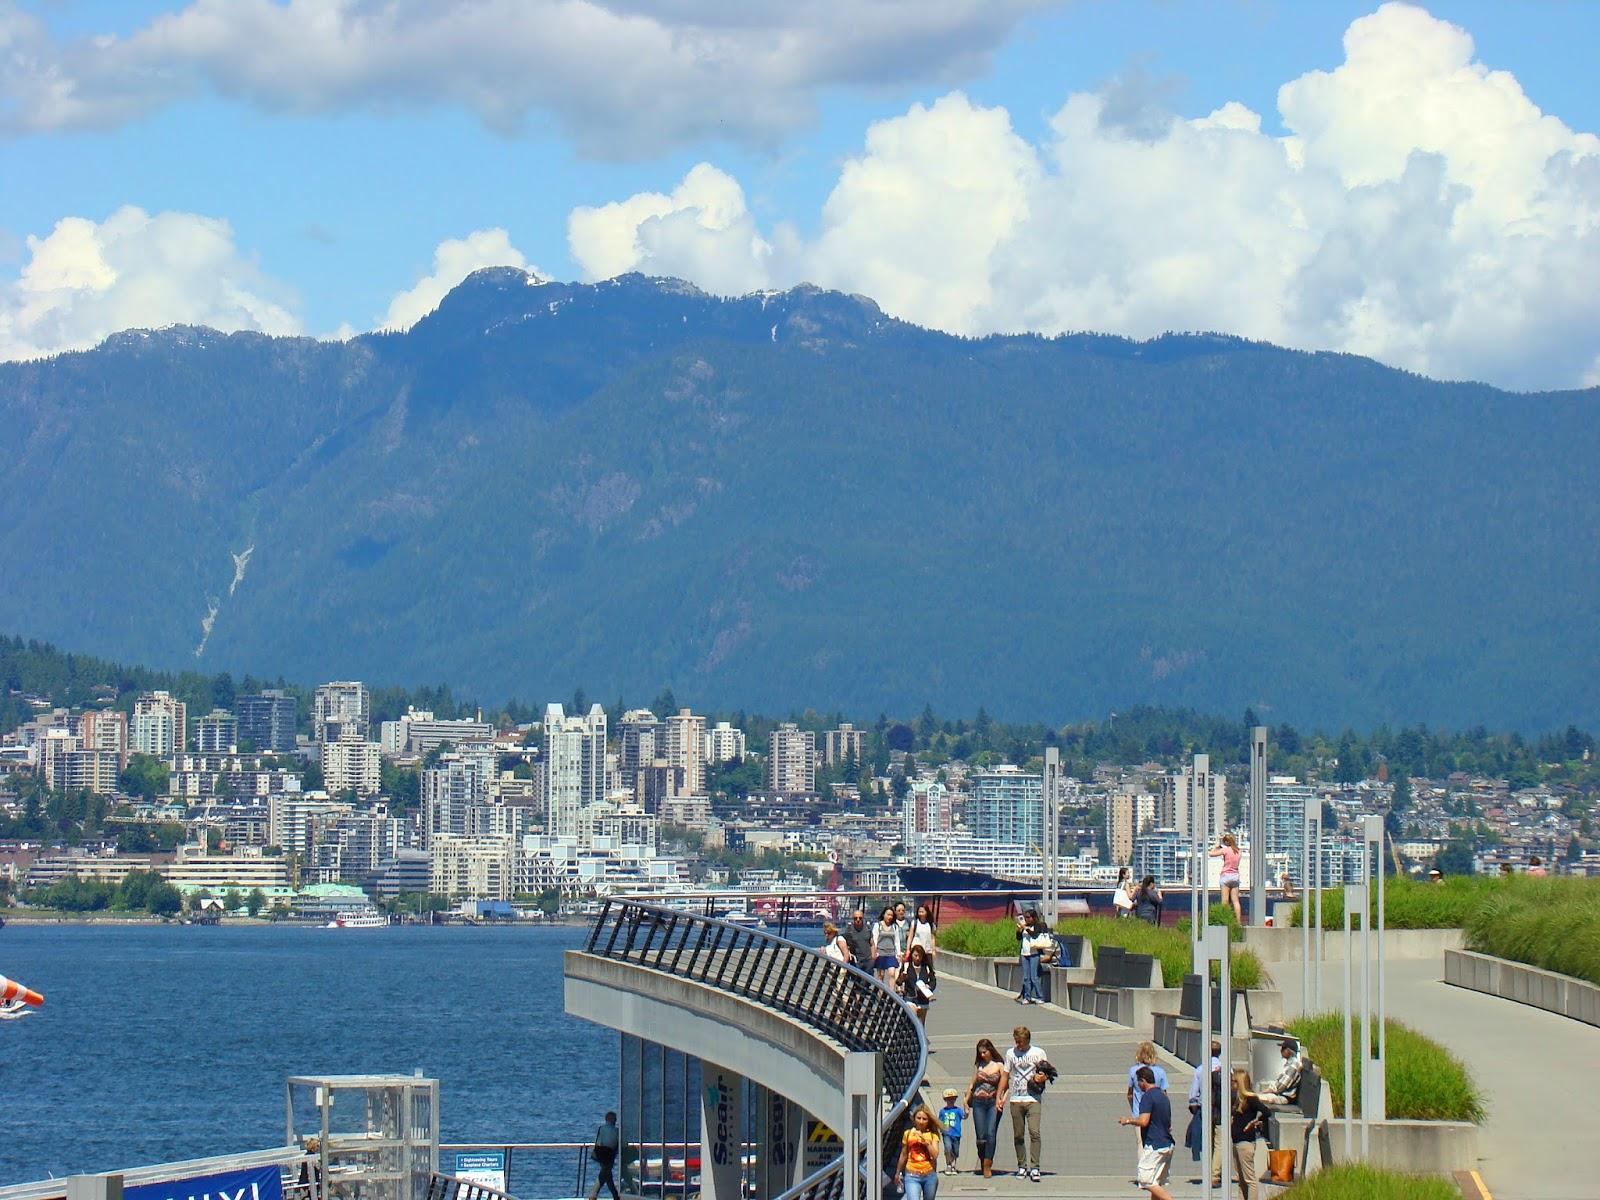 набережная Даунтауна Ванкувера